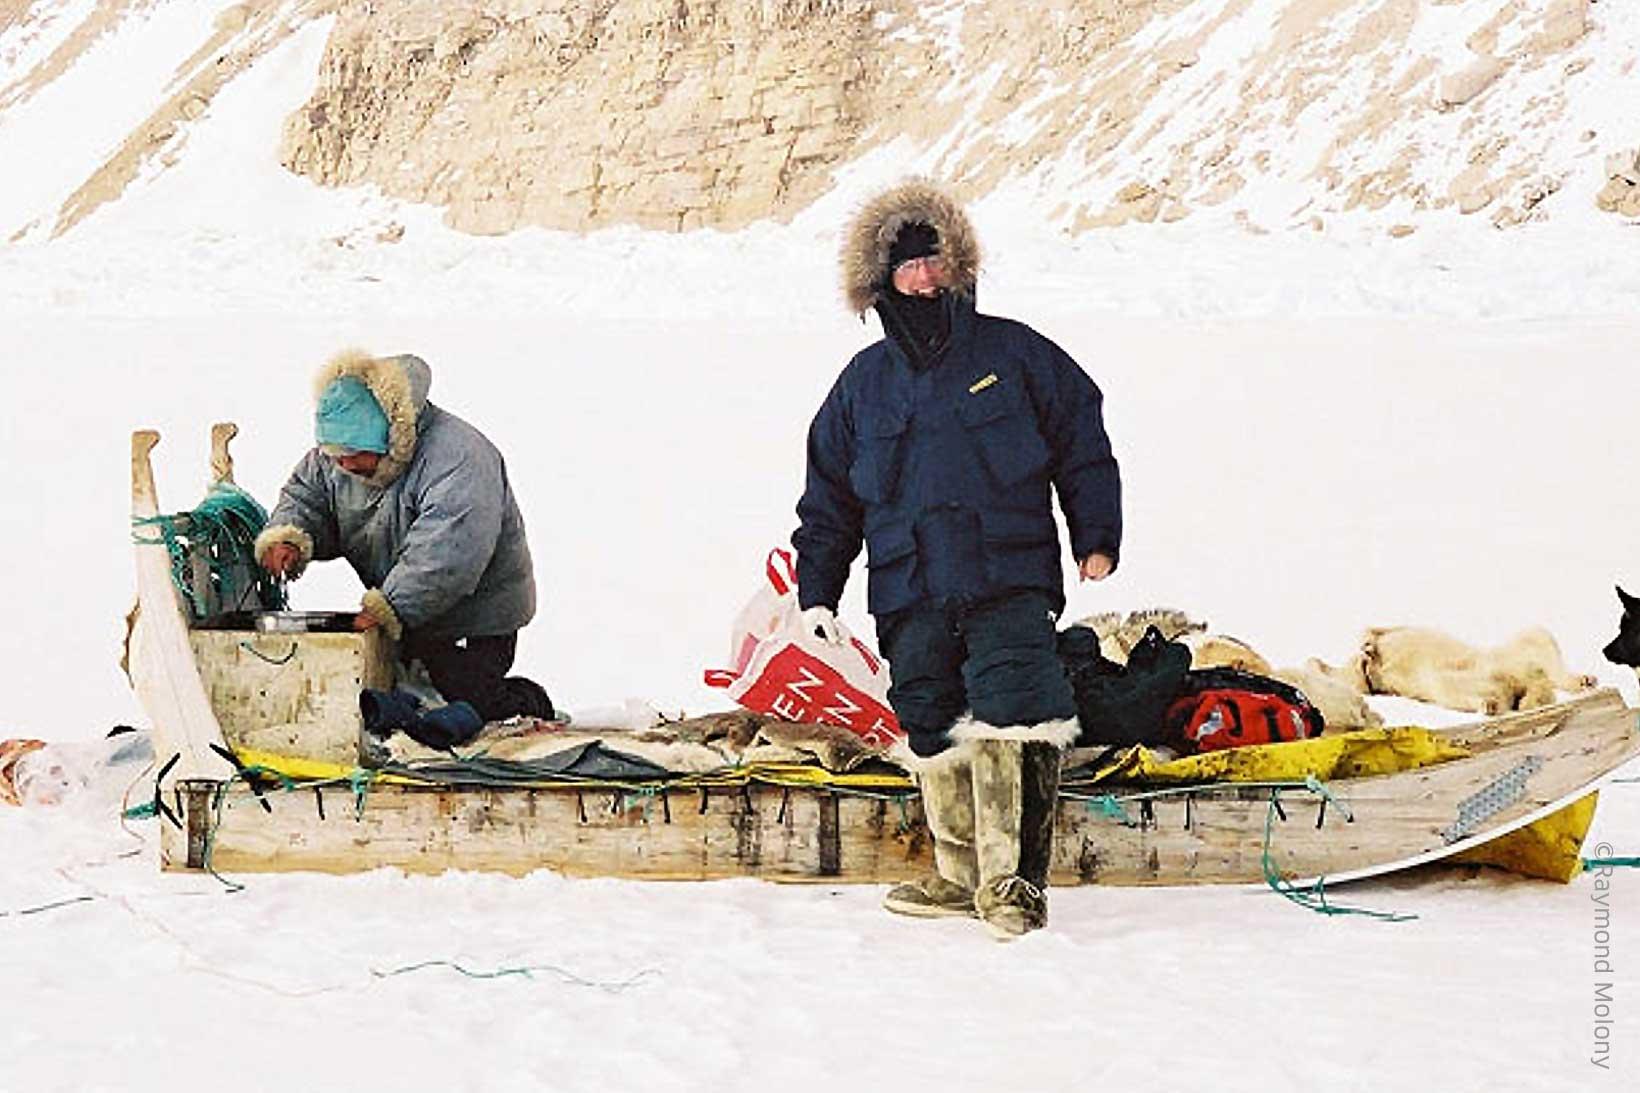 Two men on sledge